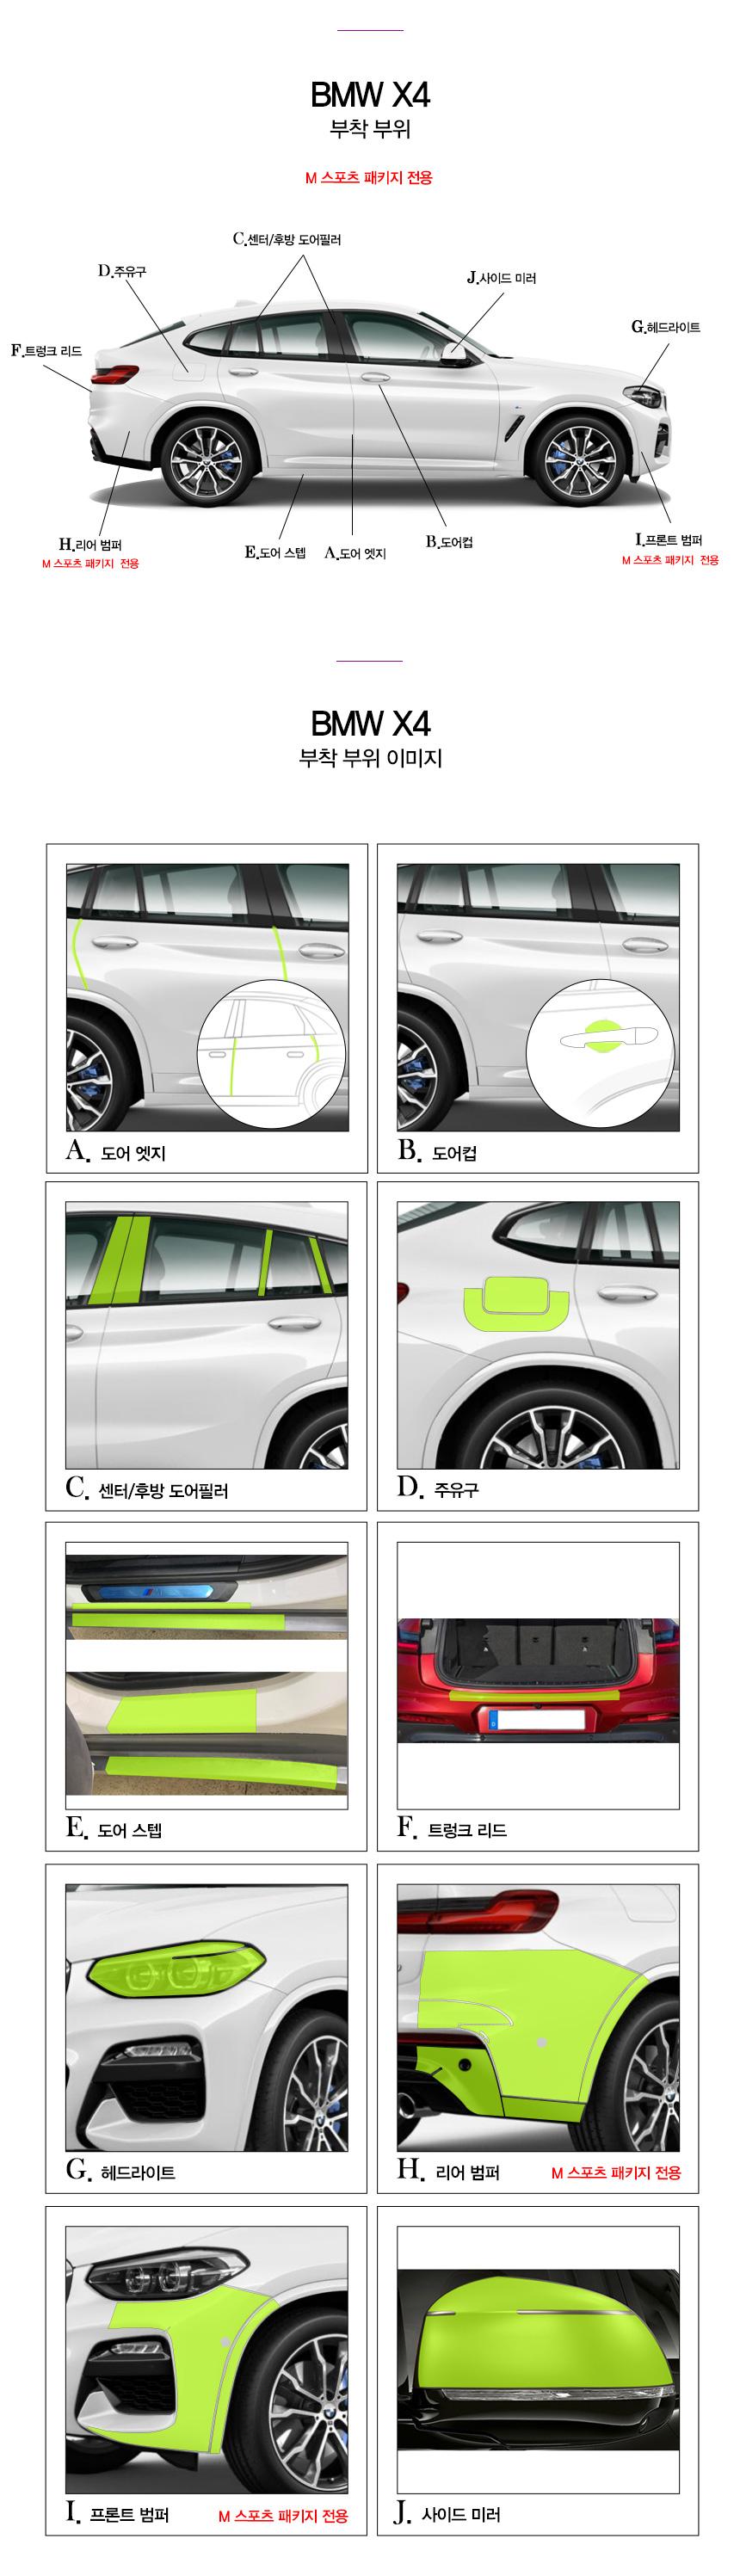 BMW X4 2019 PPF 필름 패키지 10종세트 - 폰트리 힐링쉴드, 544,500원, 자동차용품, 기타용품